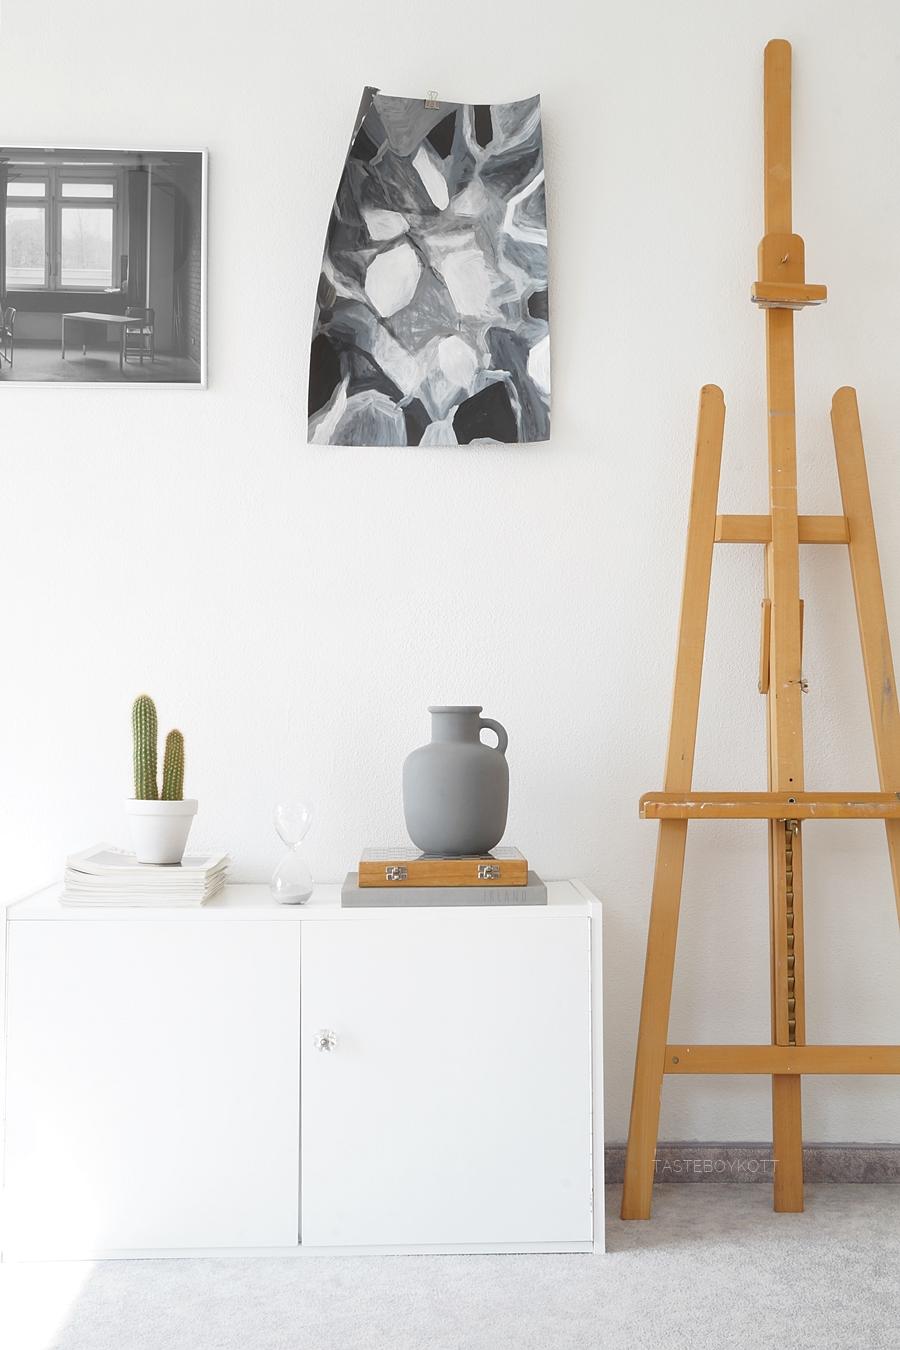 Schlafzimmer/ Jugendzimmer skandinavisch modern minimalistisch einrichten mit dem Farbkonzept grau, weiß, Holz. Sideboard dekorieren mit Vase, Kaktus, Büchern und Staffelei. Monochrome schlichte Herbstdeko in Grautönen Inspiration. Wohnblog Tasteboykott Wohninspiration Dekoideen Interior Design Blog.